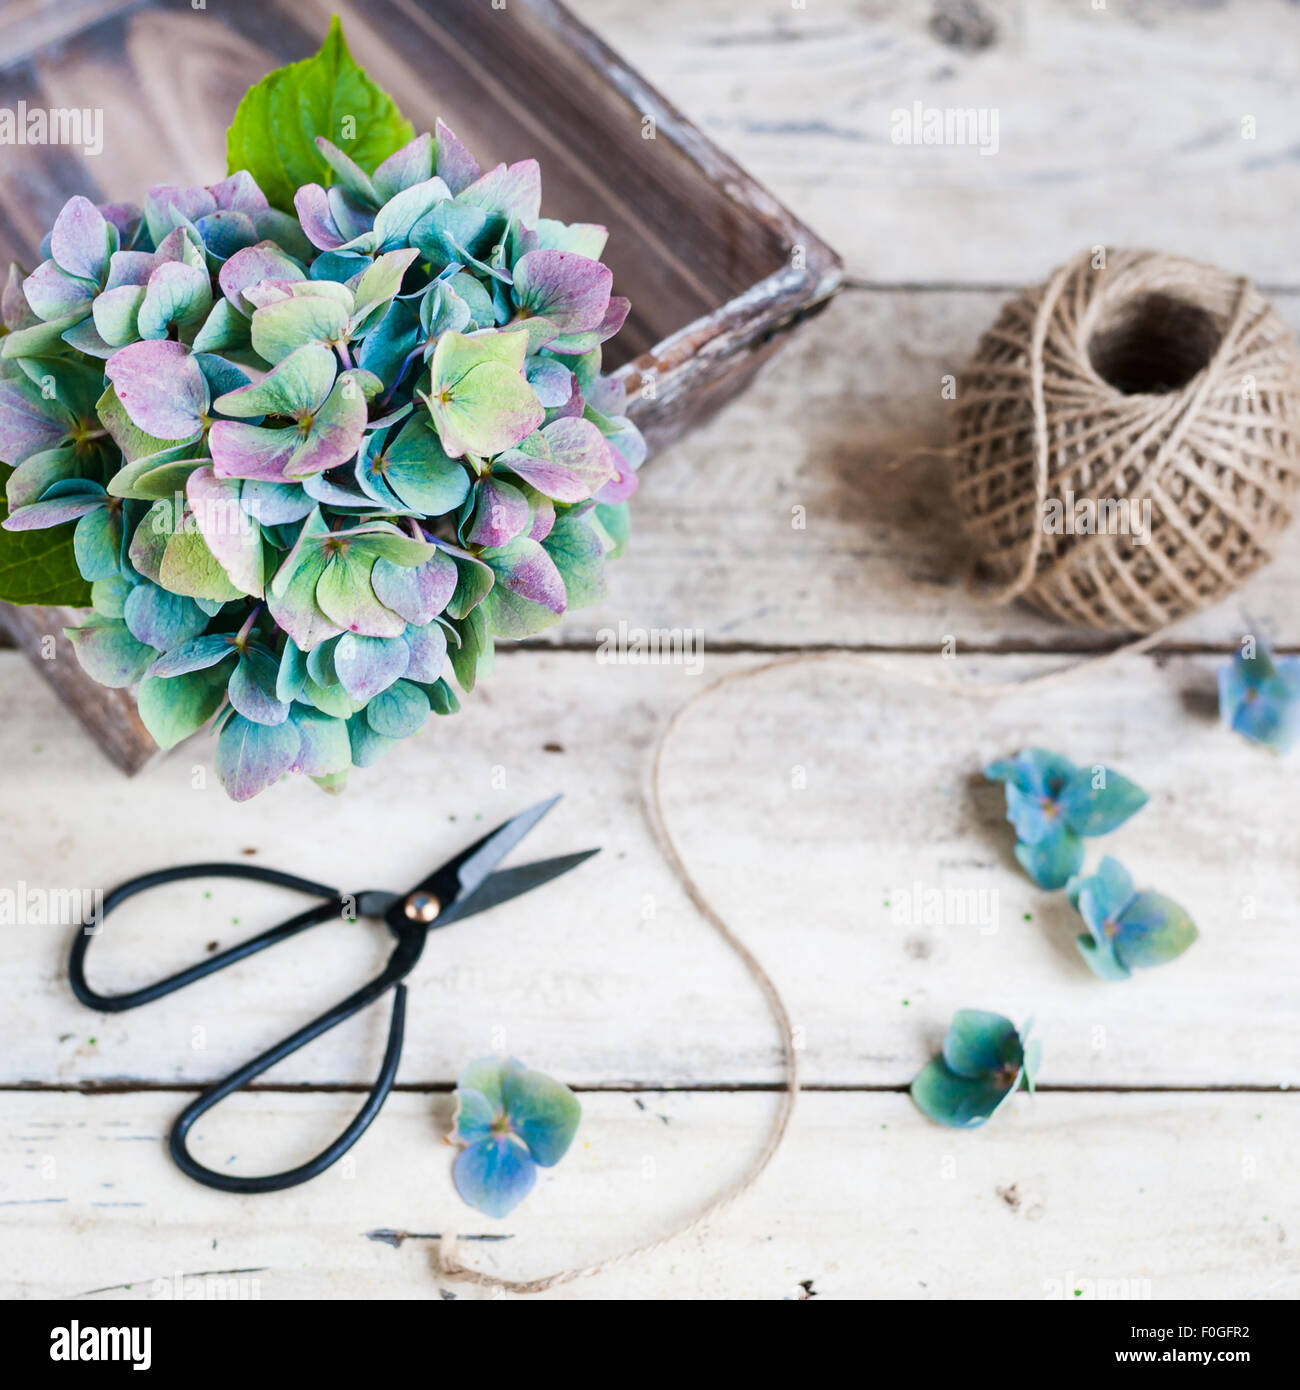 Blau-lila-Hortensie in einem Korb auf Holztisch mit Bindfäden und schwarze Schere Stockbild